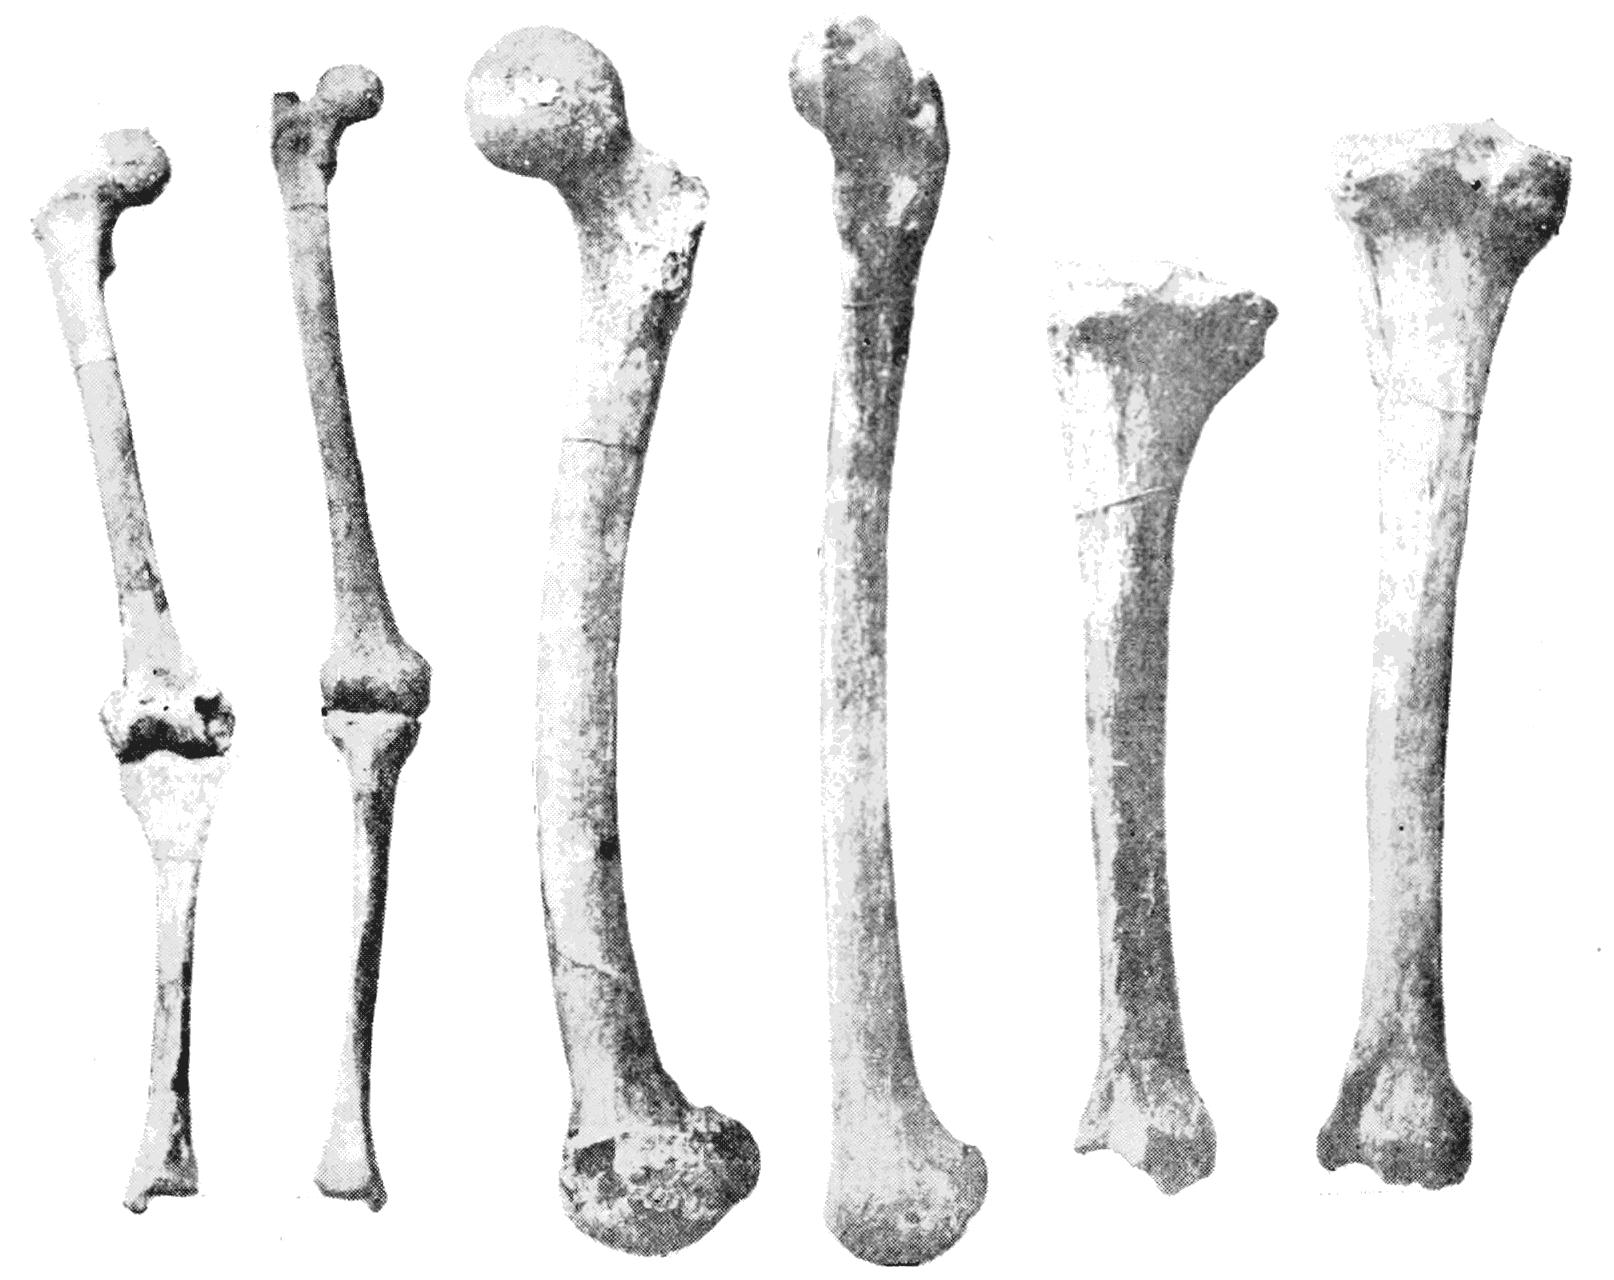 File:PSM V44 D639 Showing leg bones.png.